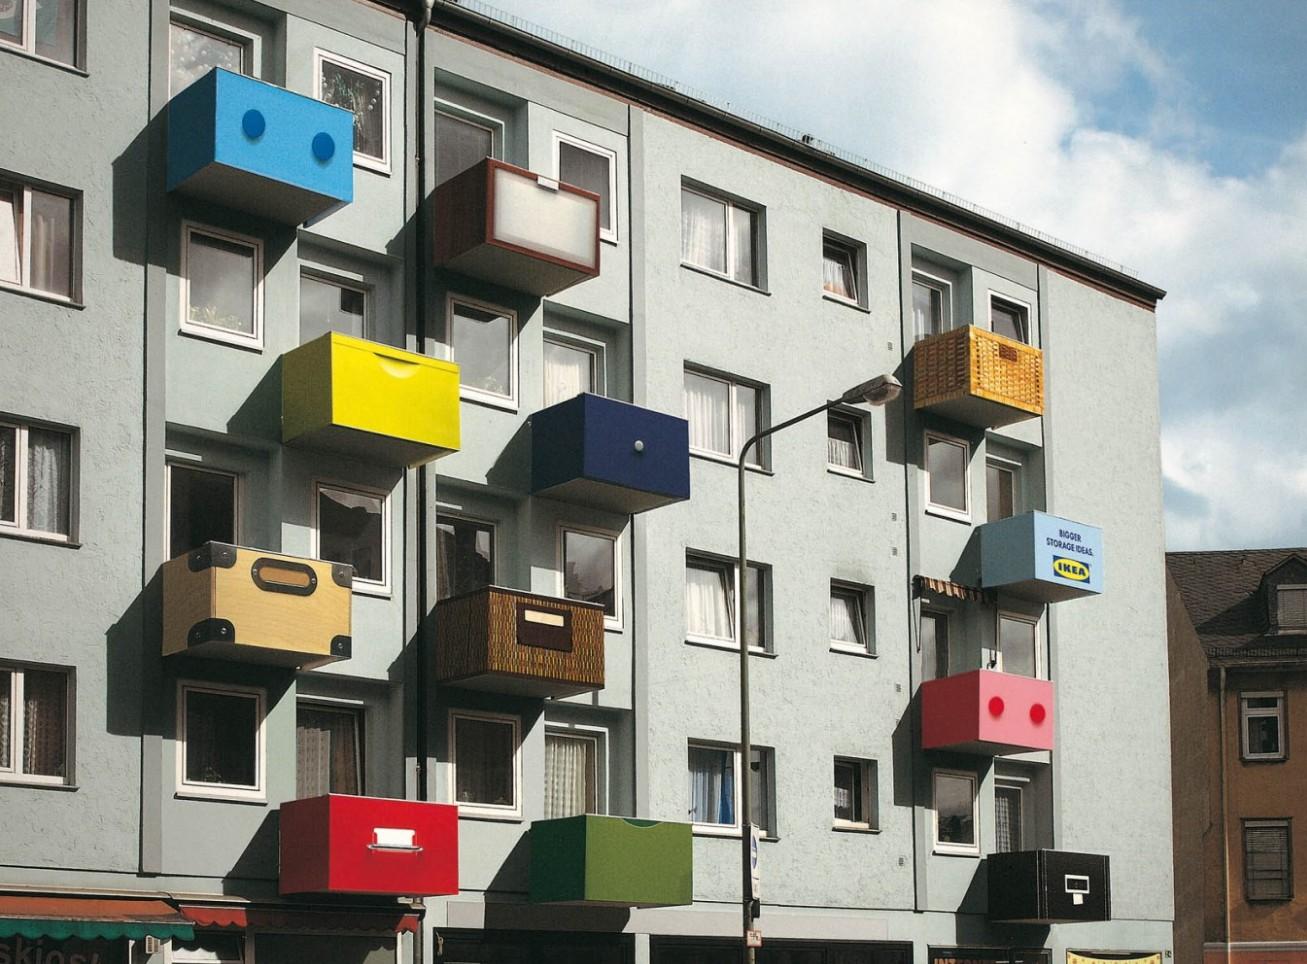 бизнес по размещению рекламных баннеров на балконах жилых домов